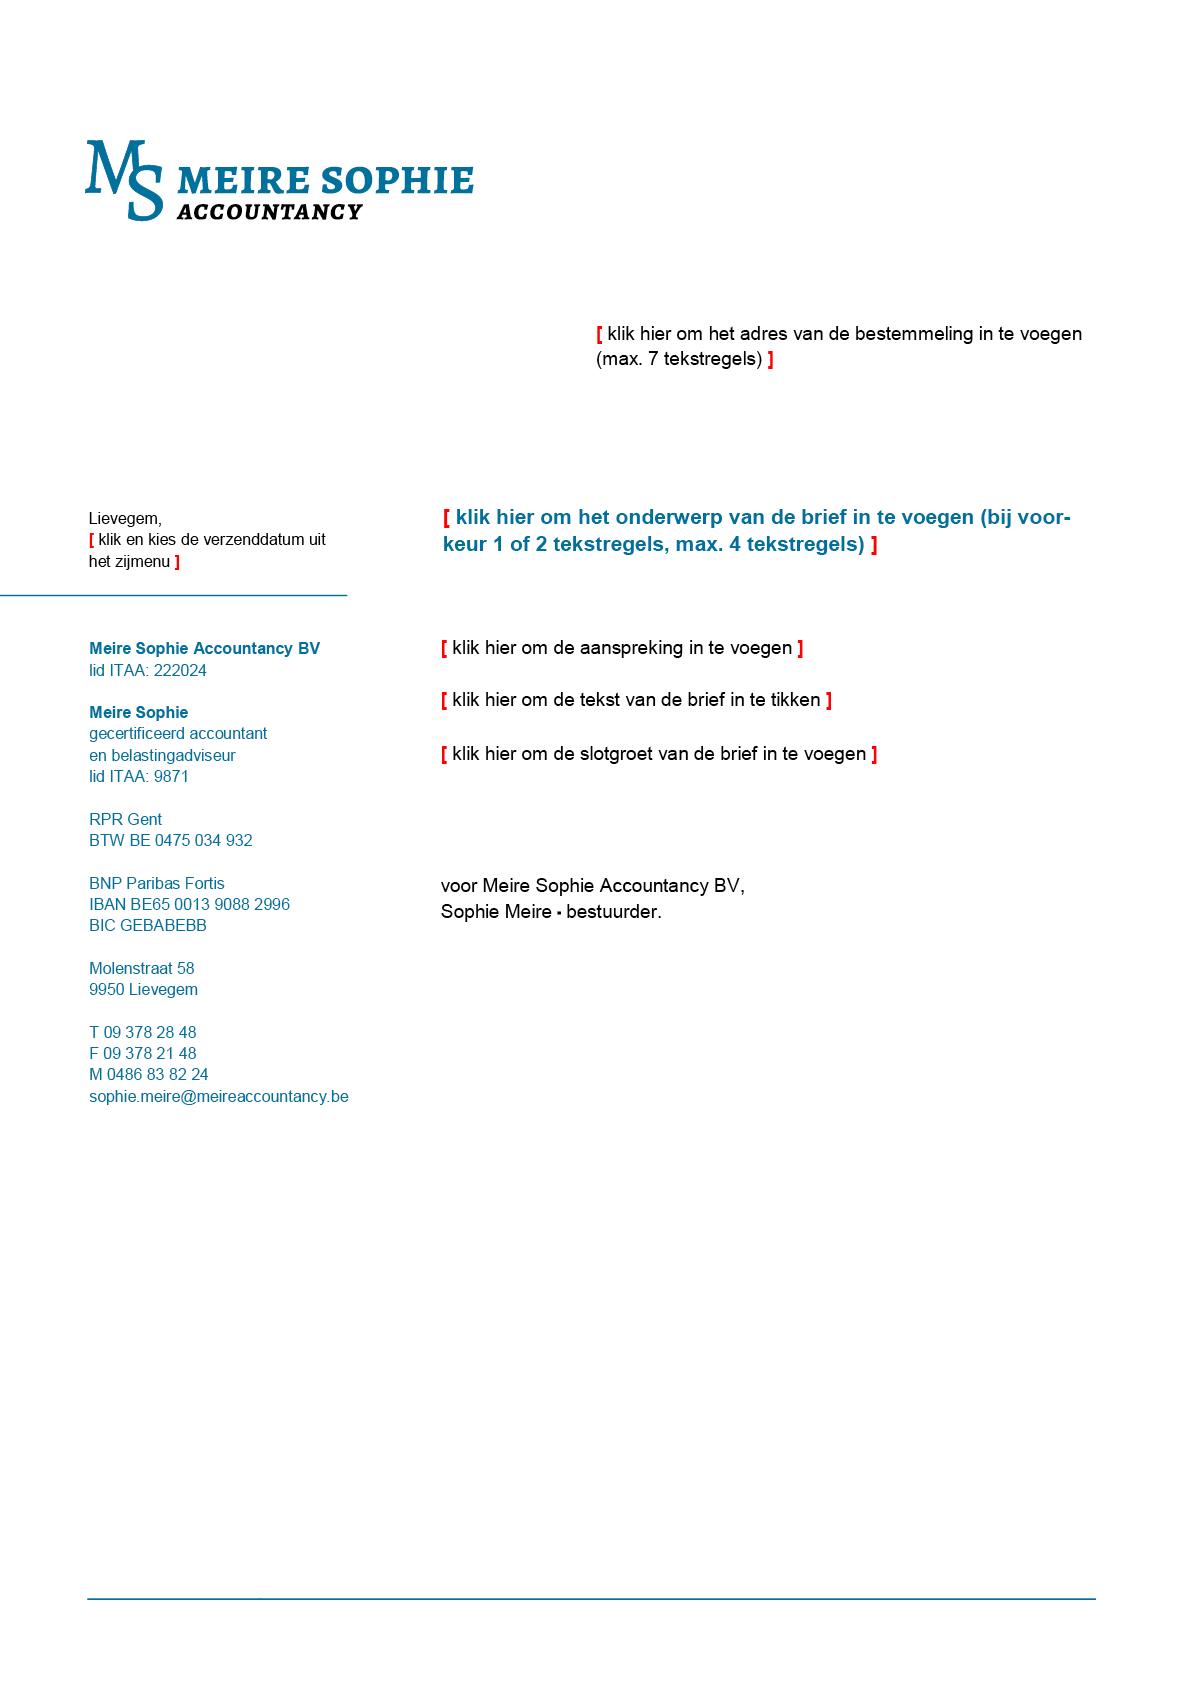 Brief-sjabloon voor Microsoft Word, met blanco invulvelden